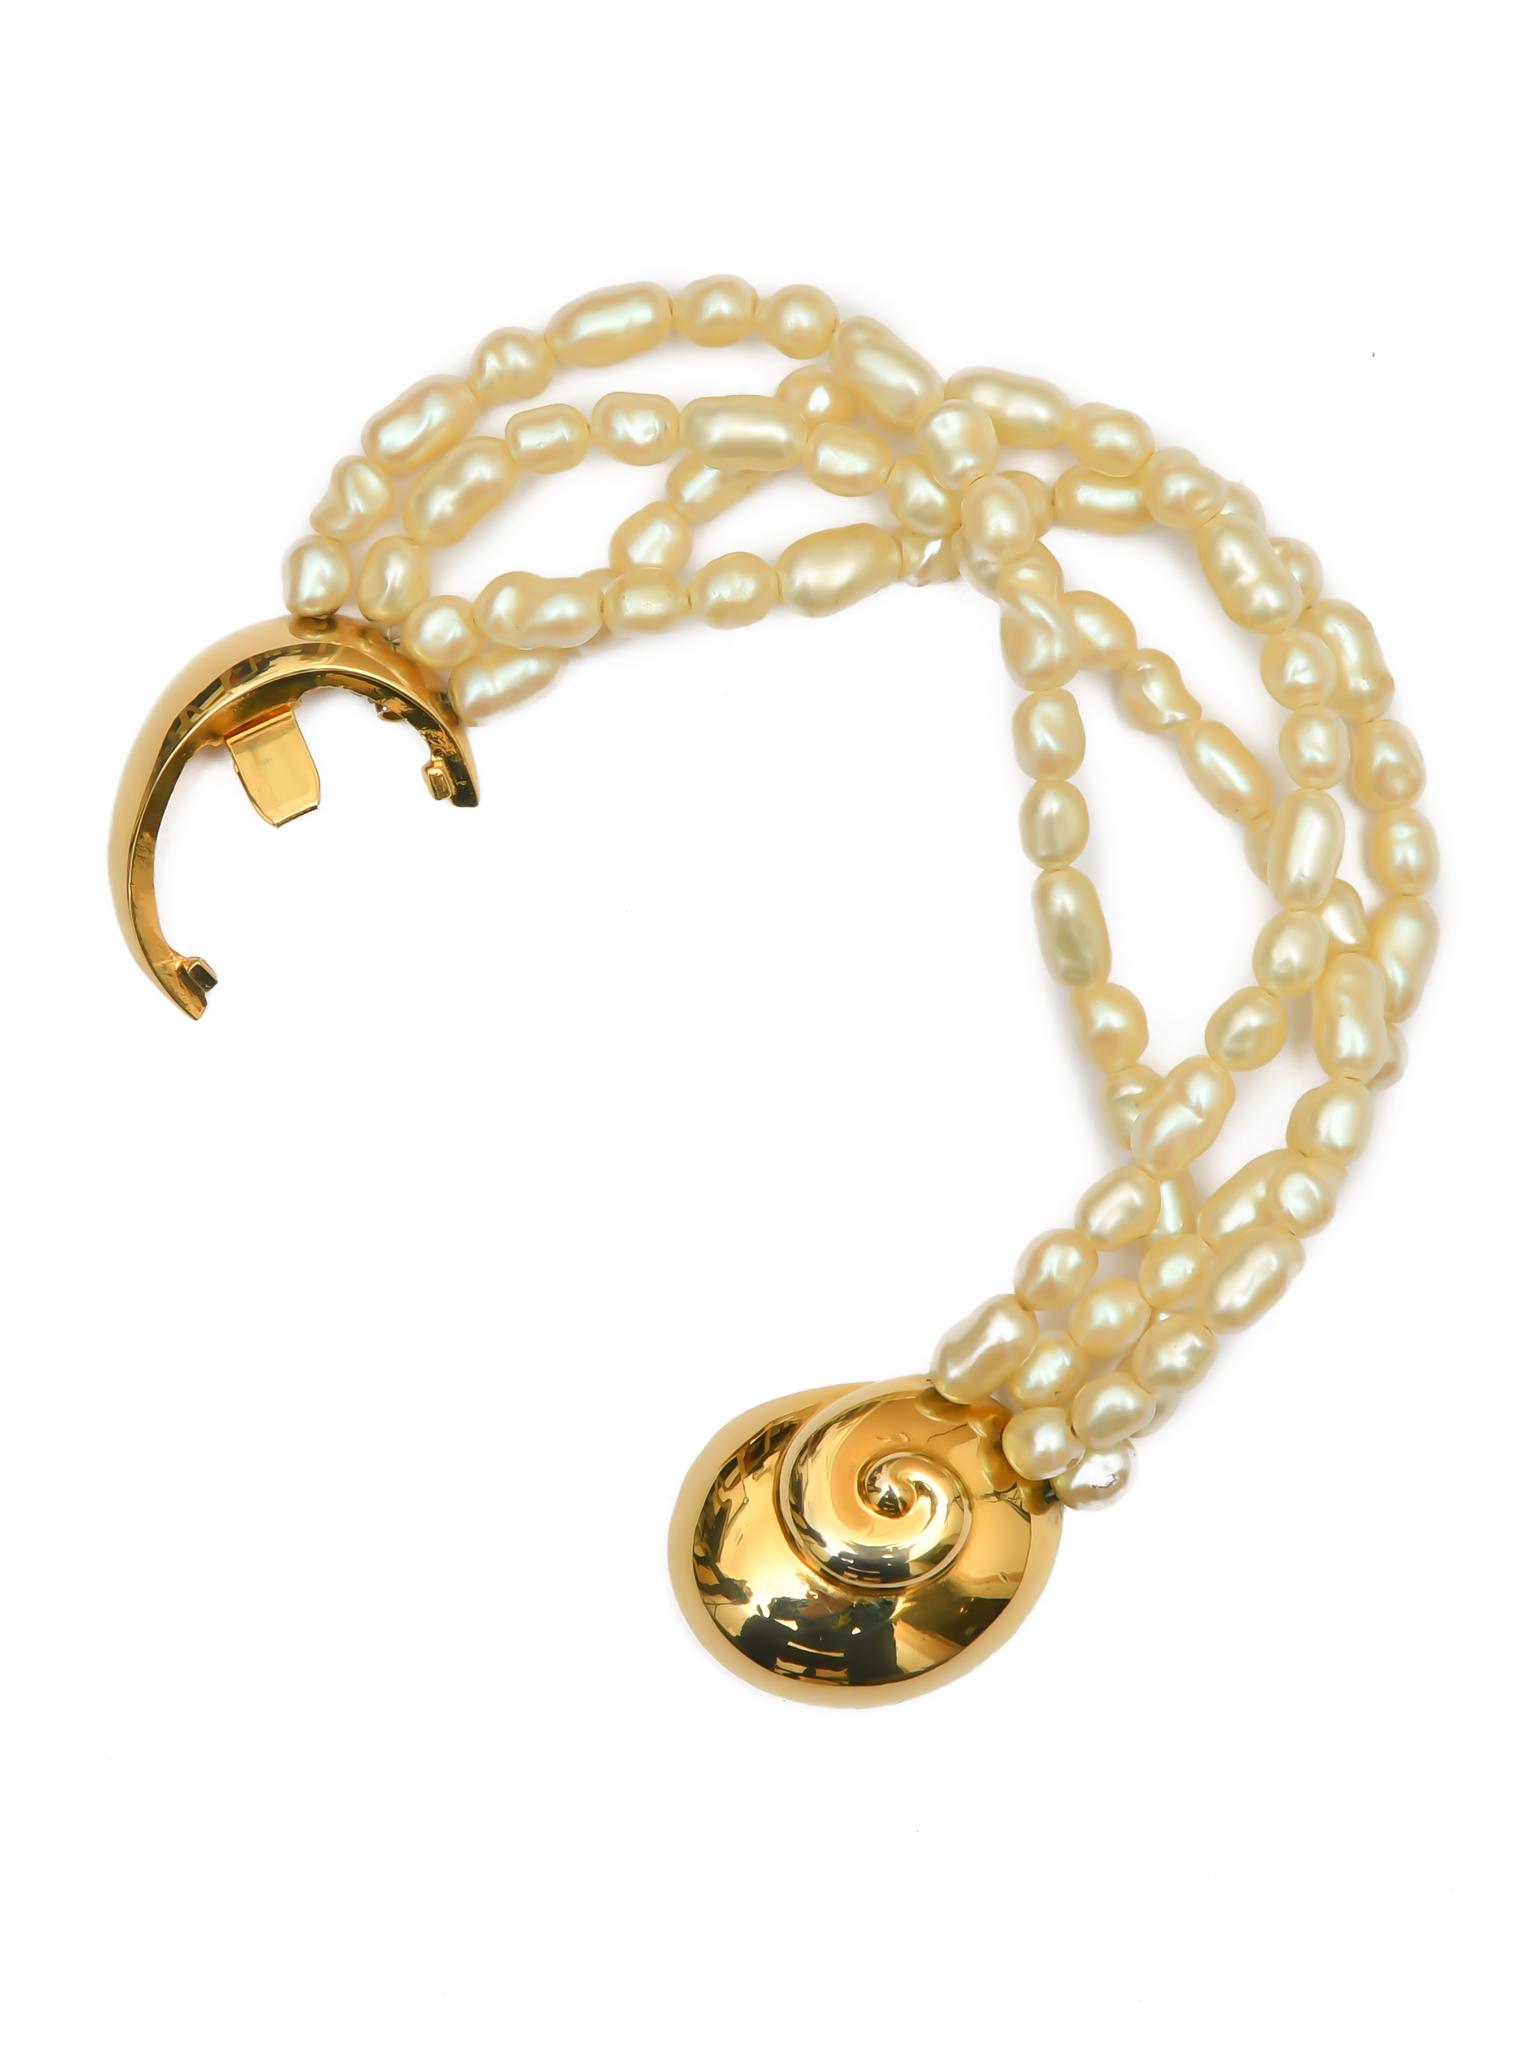 Стильный жемчужный браслет Pierre Cardin 1970-е